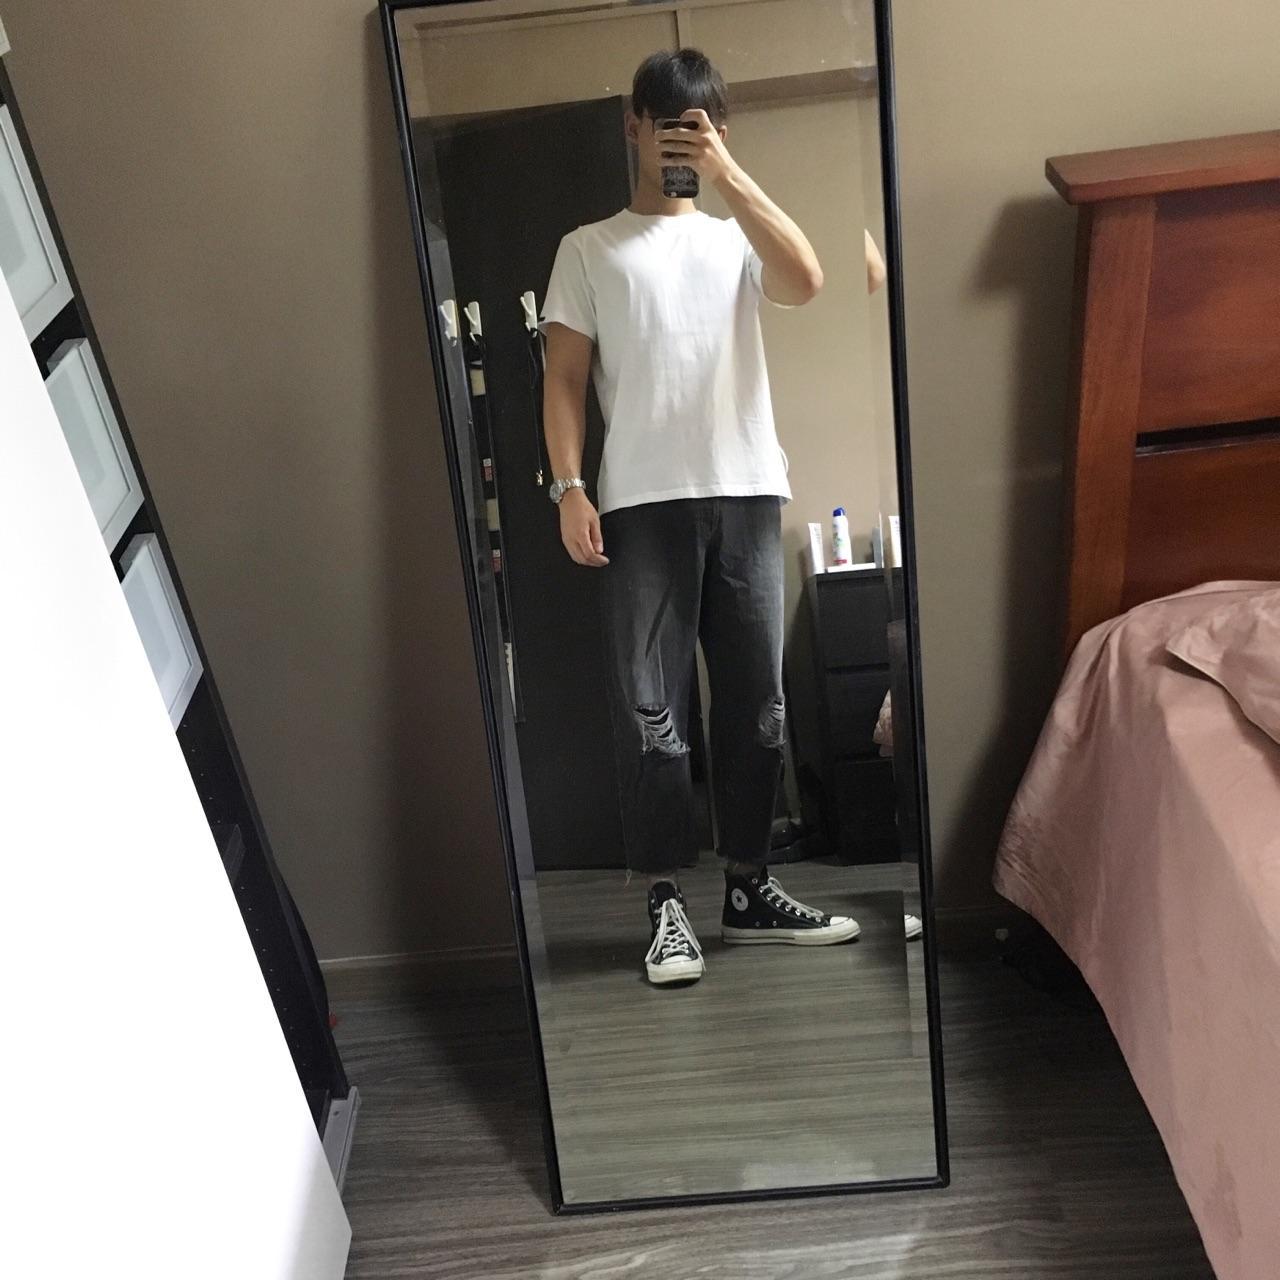 牛仔短裤怎么配鞋子_男生穿白T恤如何搭配? - 知乎